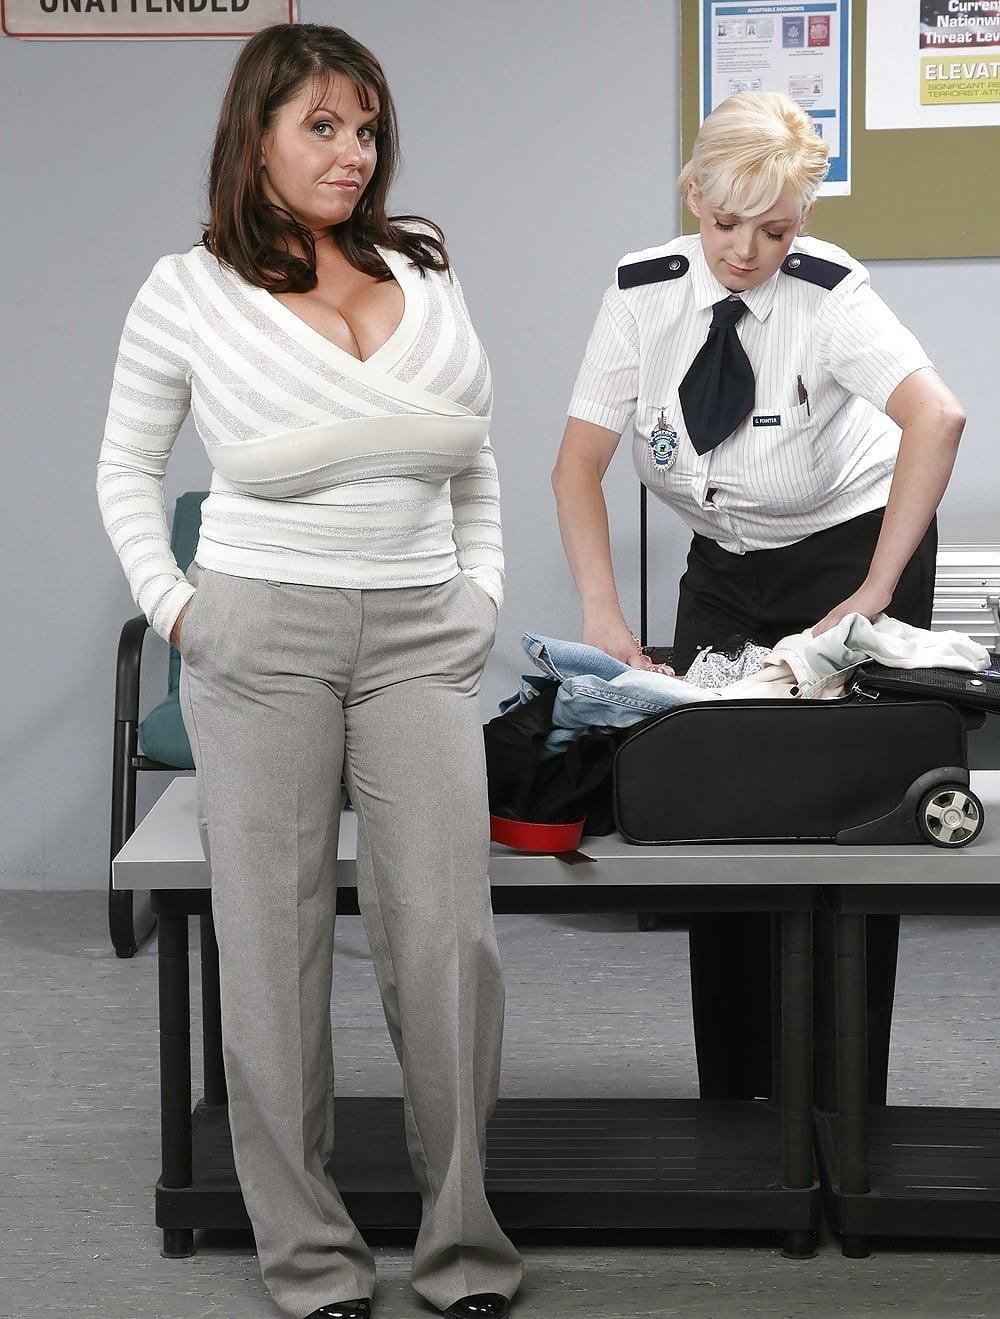 Nude big boobs lesbians-4648